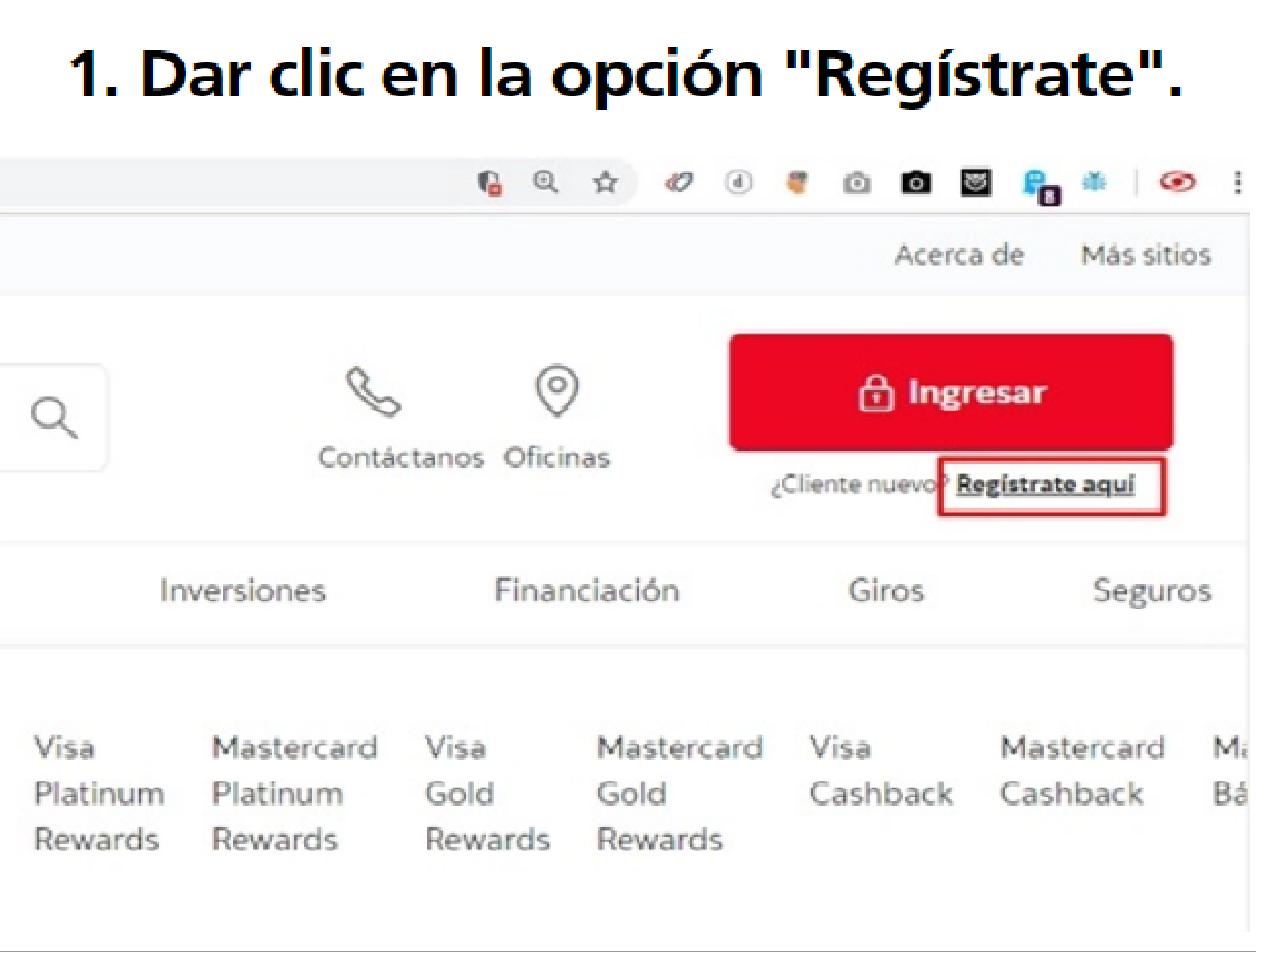 Colpatria banca virtual: ¿Cómo registrarse?